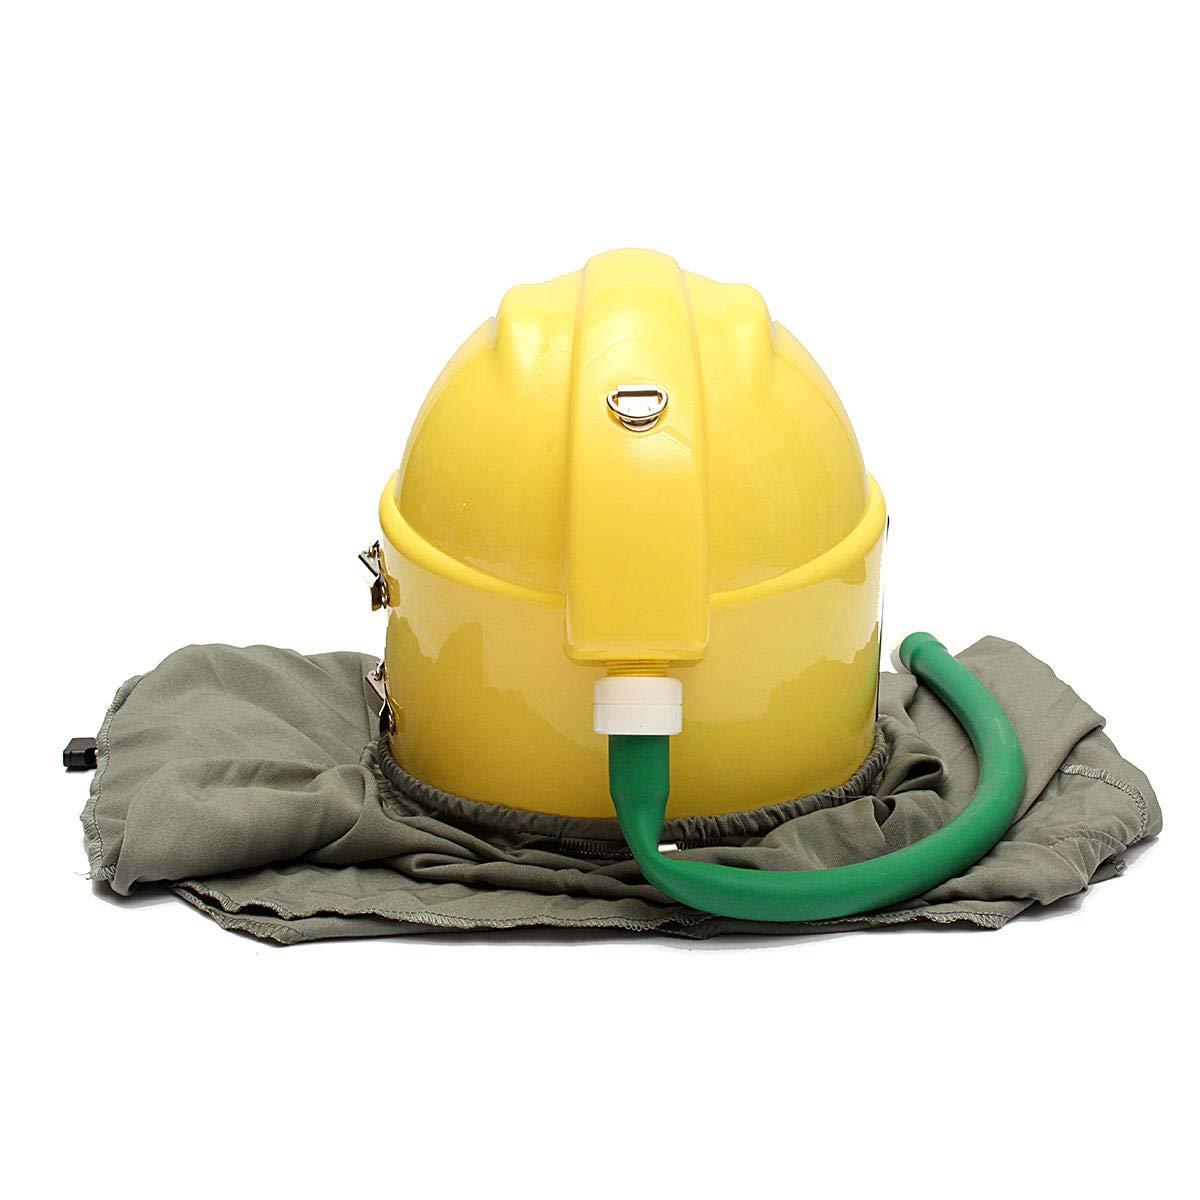 AIR FED Safety Sandblast Helmet Sand Blast Hood Protector for Sandblasting by Anddoa (Image #3)